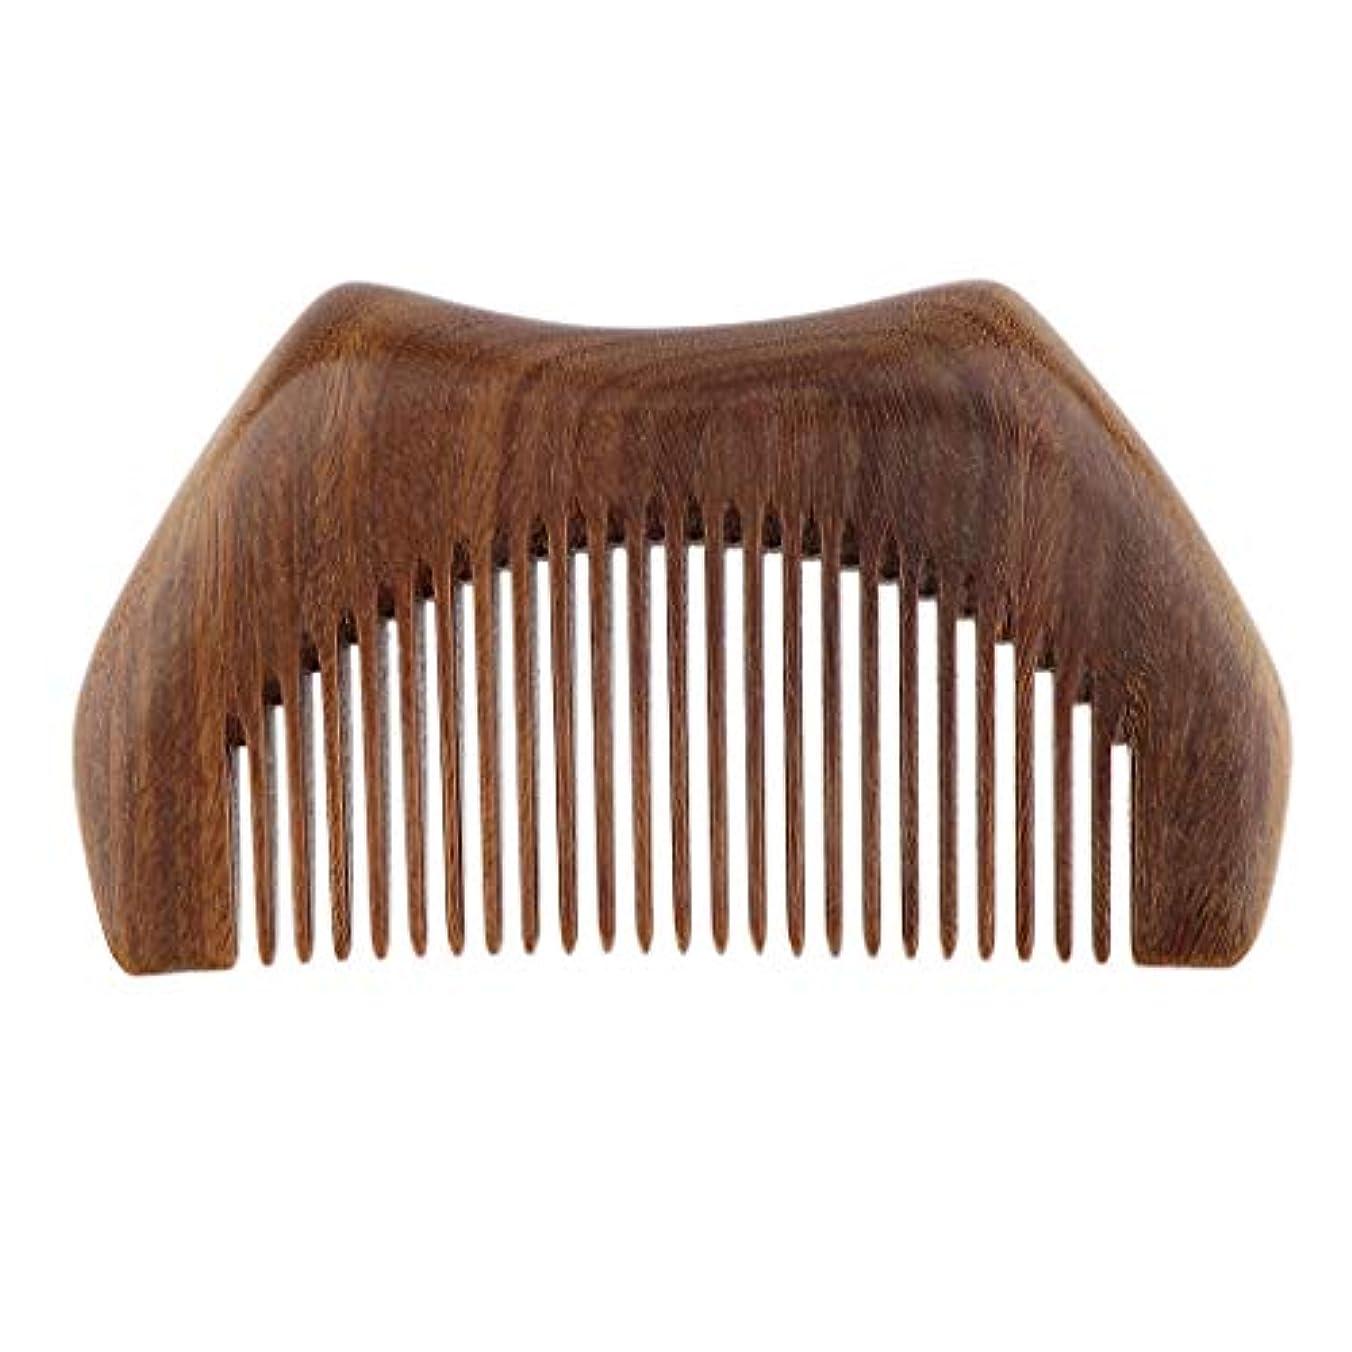 長いですインストール省Toygogo ポケットサイズグルーミング木製ヘアコーム|髪をほぐすためのプレミアムファインティース/ひげ/ひげ/口ひげ